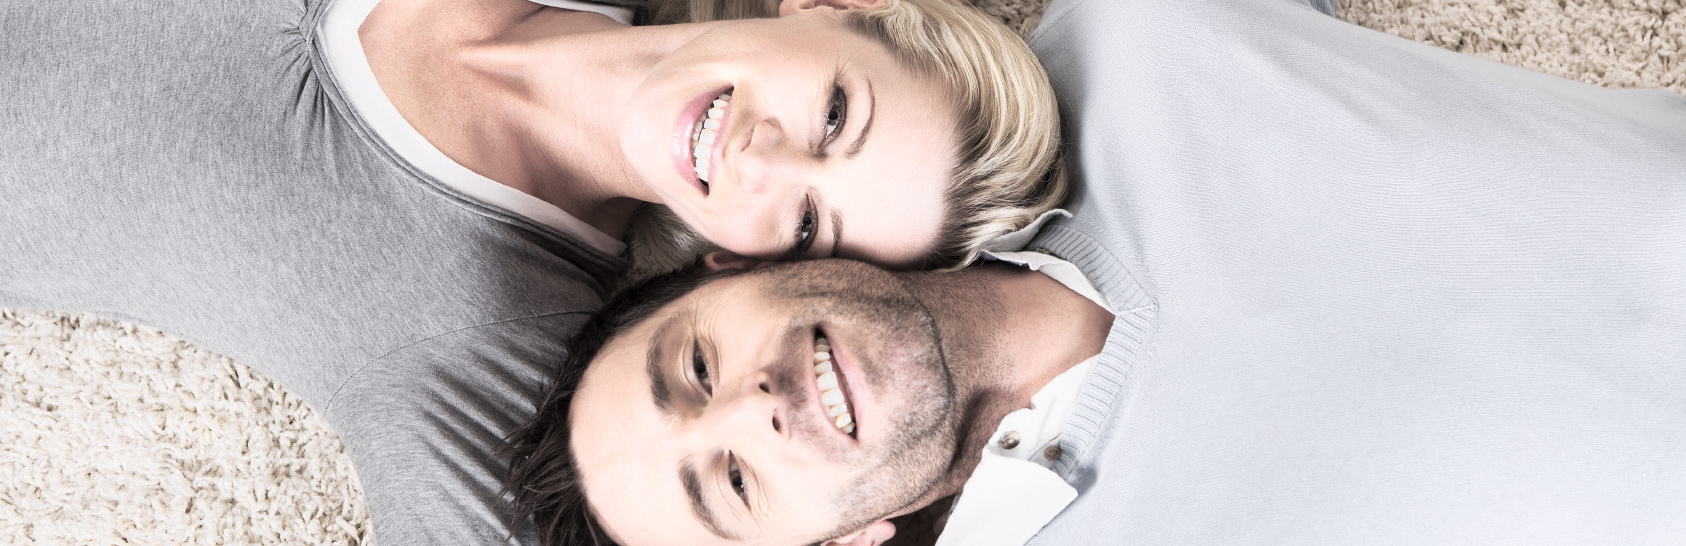 Psicoterapia en adultos - Individual y de pareja